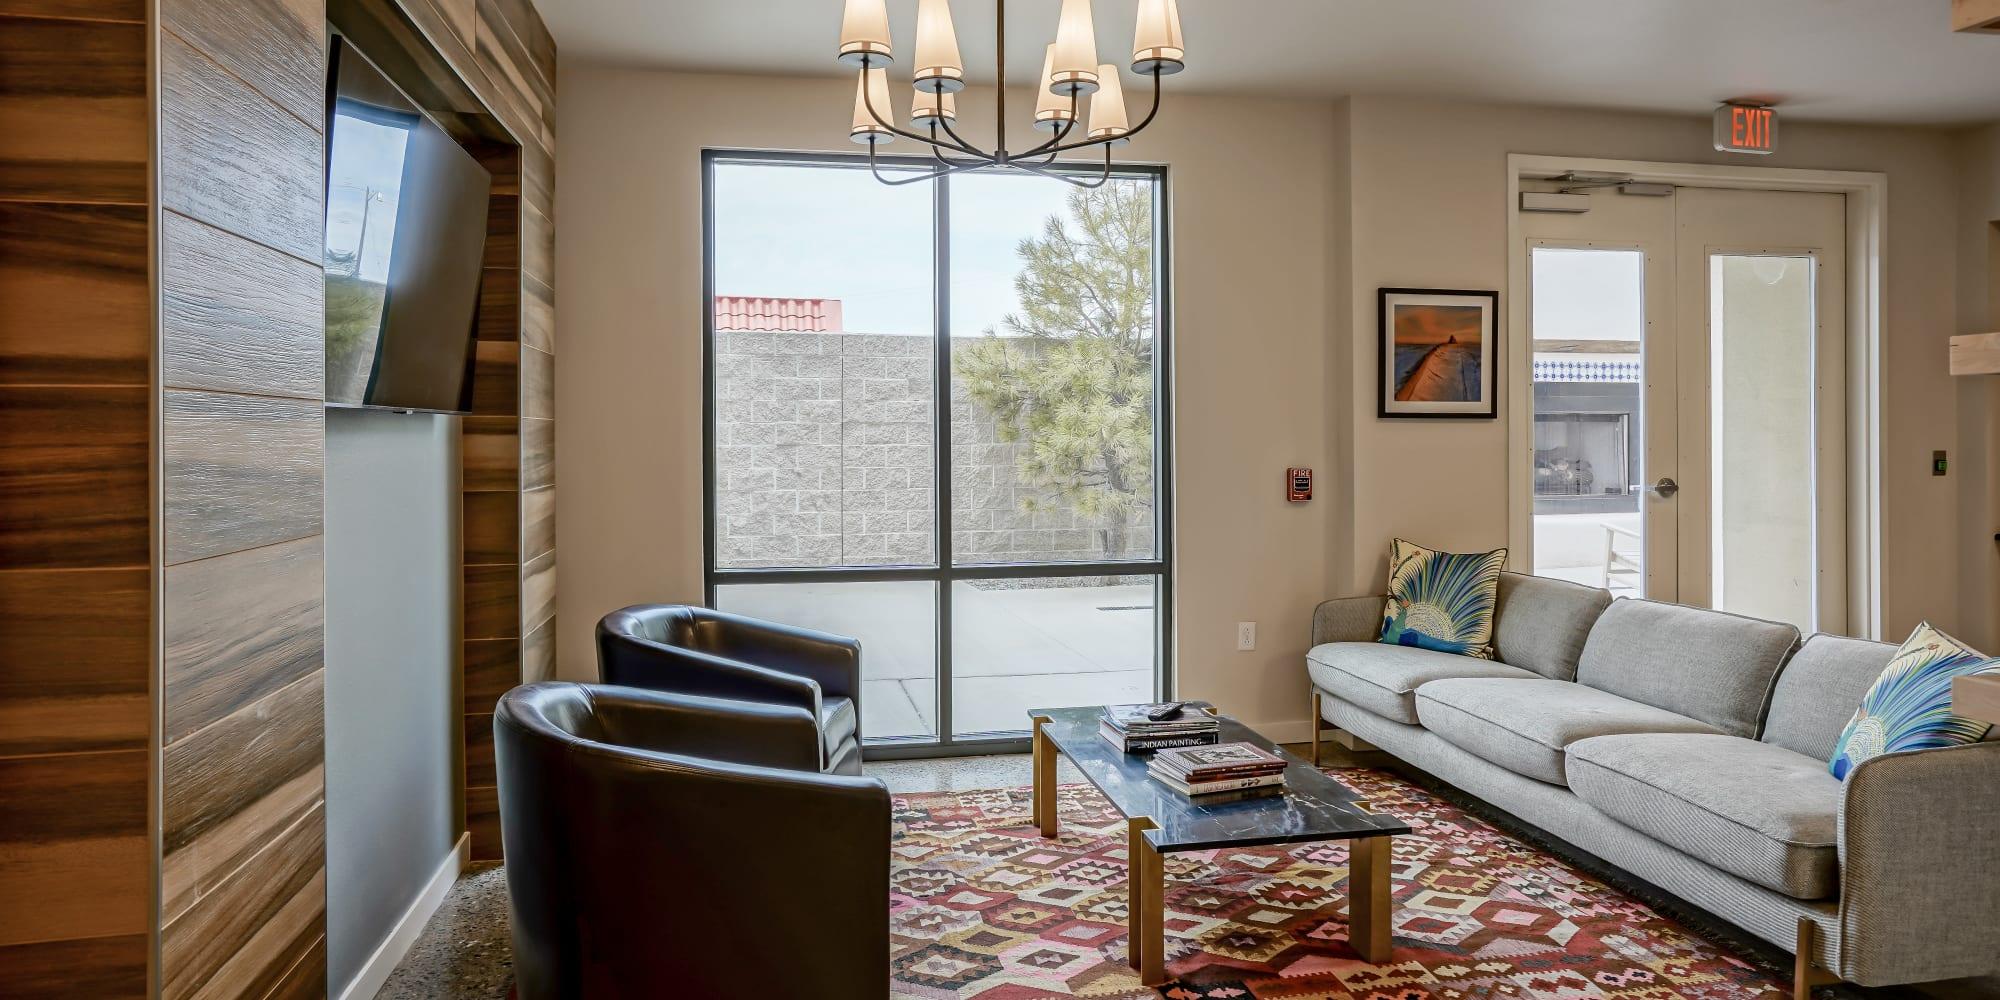 Capitol Flats apartments in Santa Fe, New Mexico